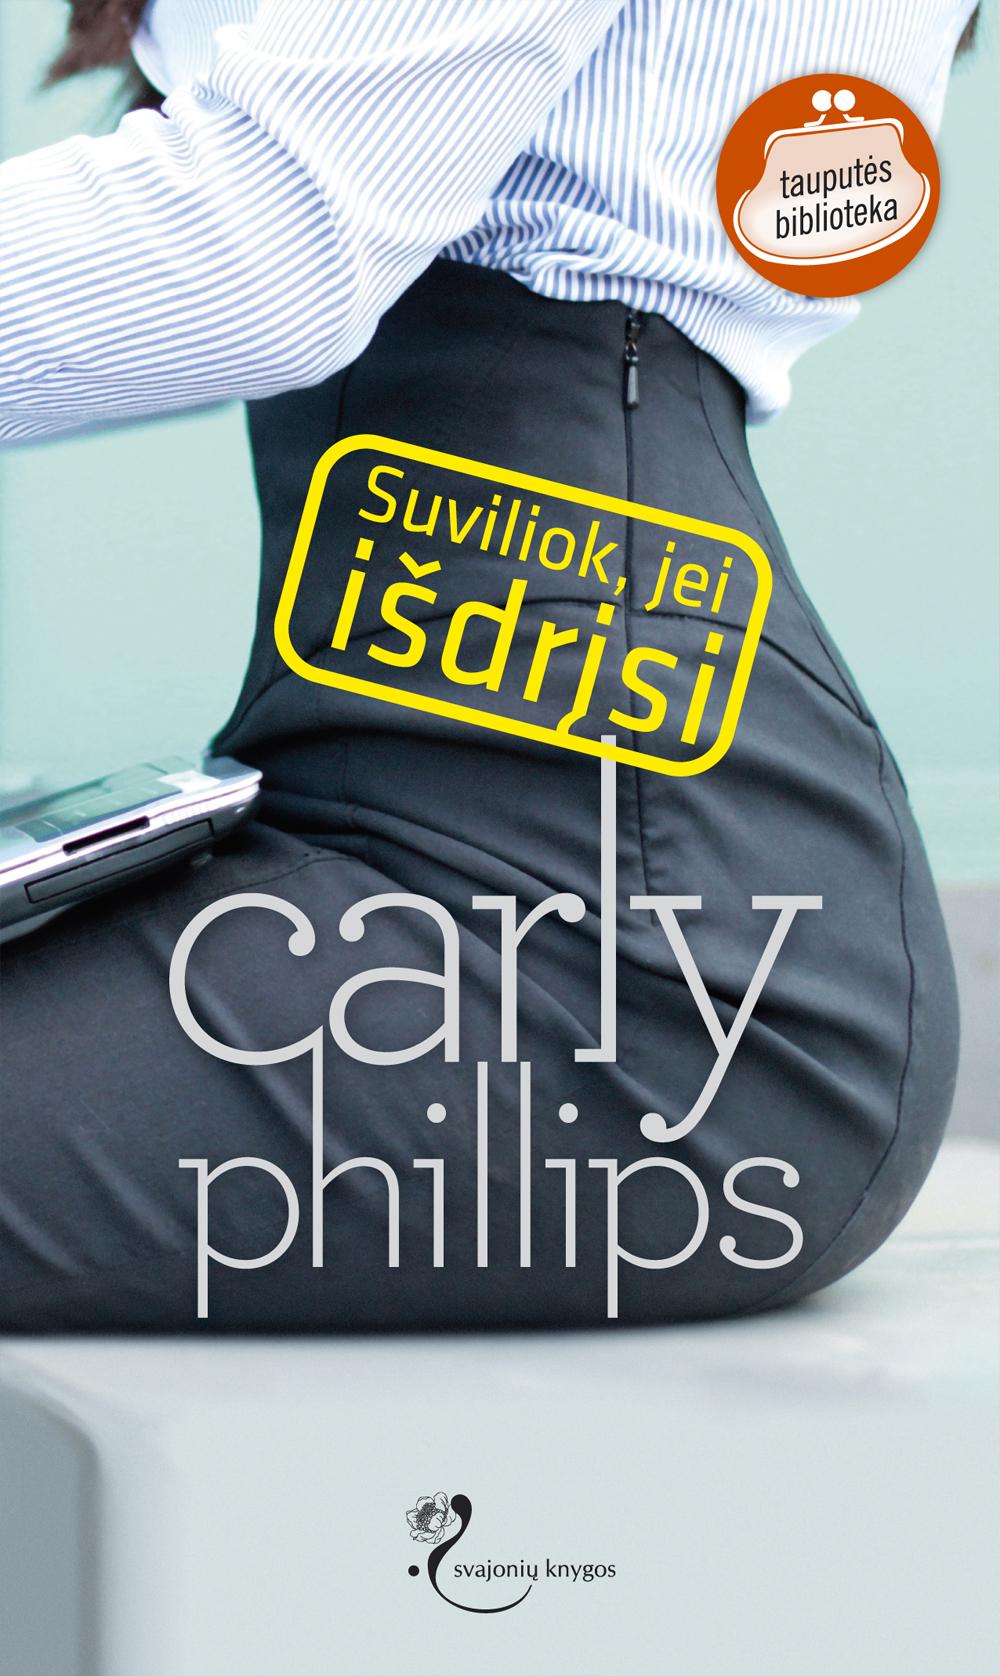 лучшая цена Carly Phillips Suviliok, jei išdrįsi